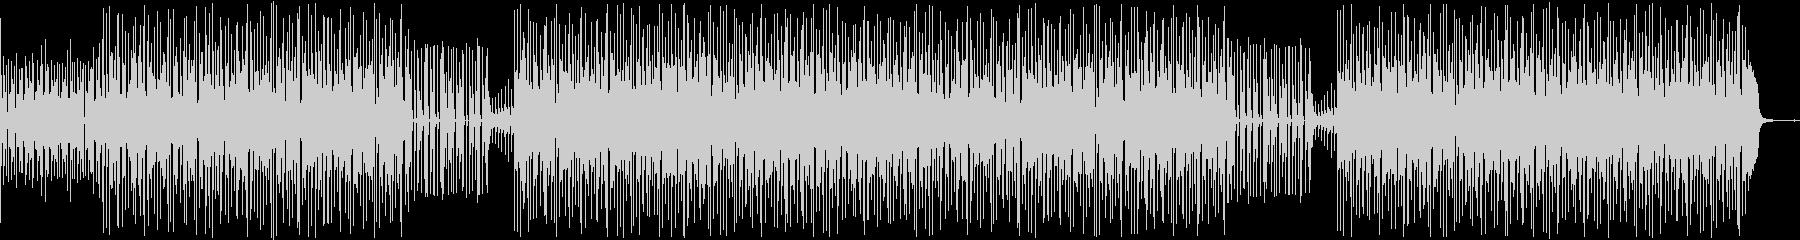 ベースが印象的なミクスチャー・ロックの未再生の波形